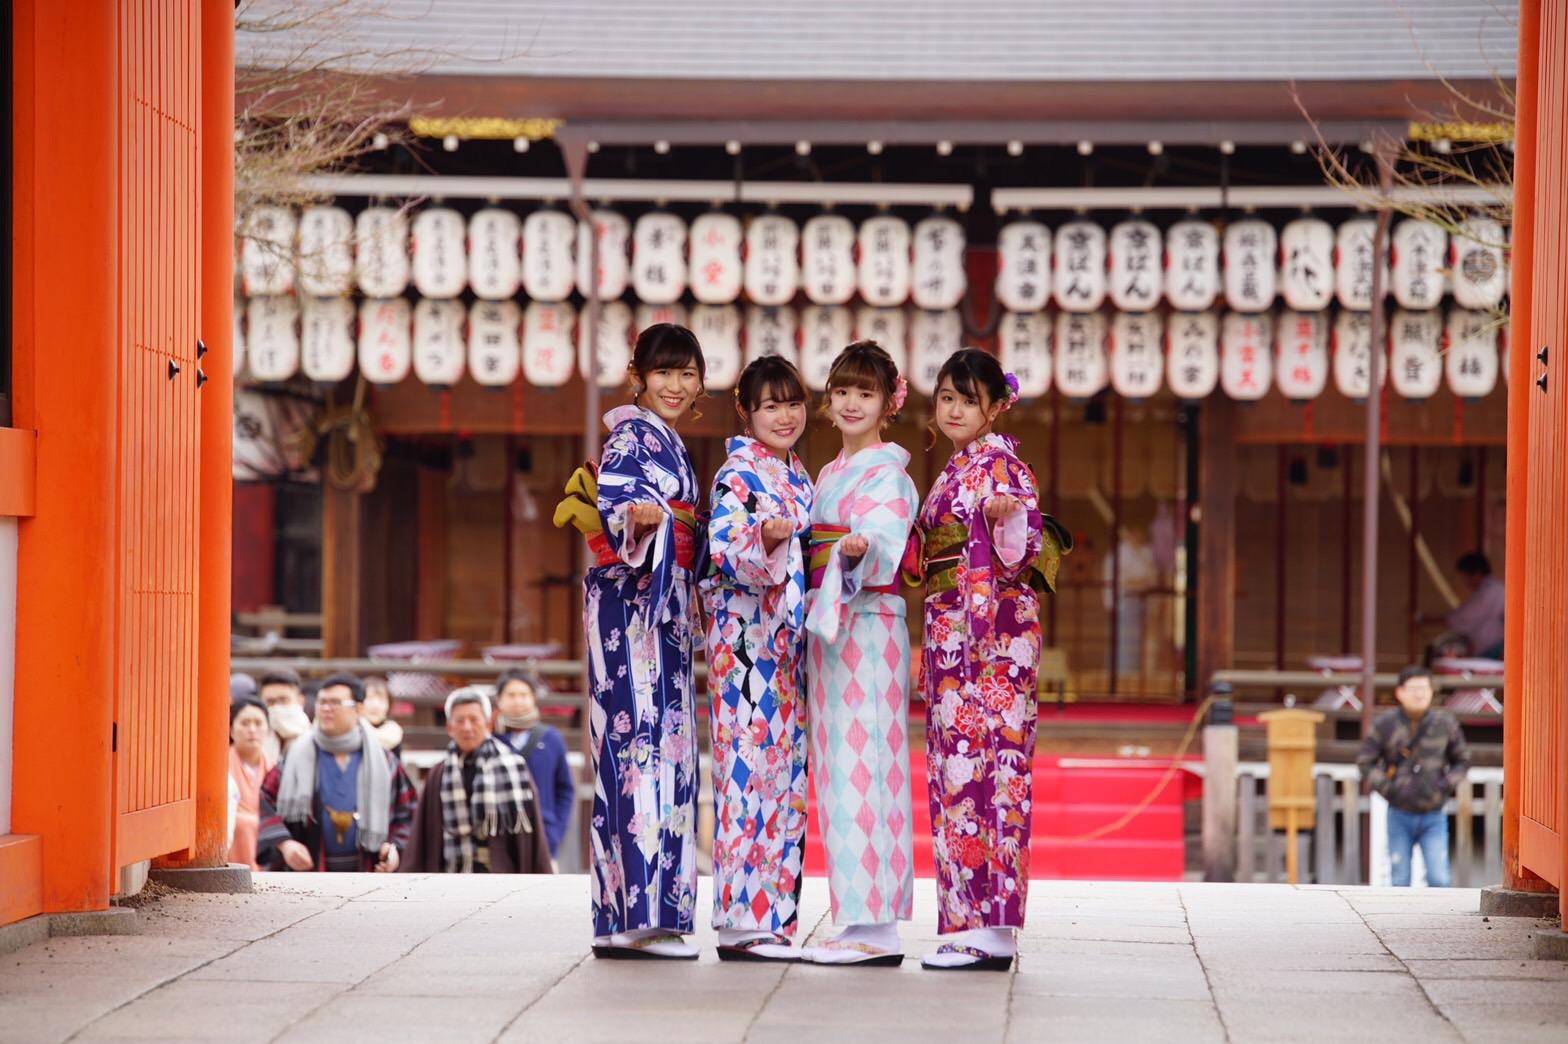 着物レンタルで高台寺を散策(^^♪2019年2月9日1